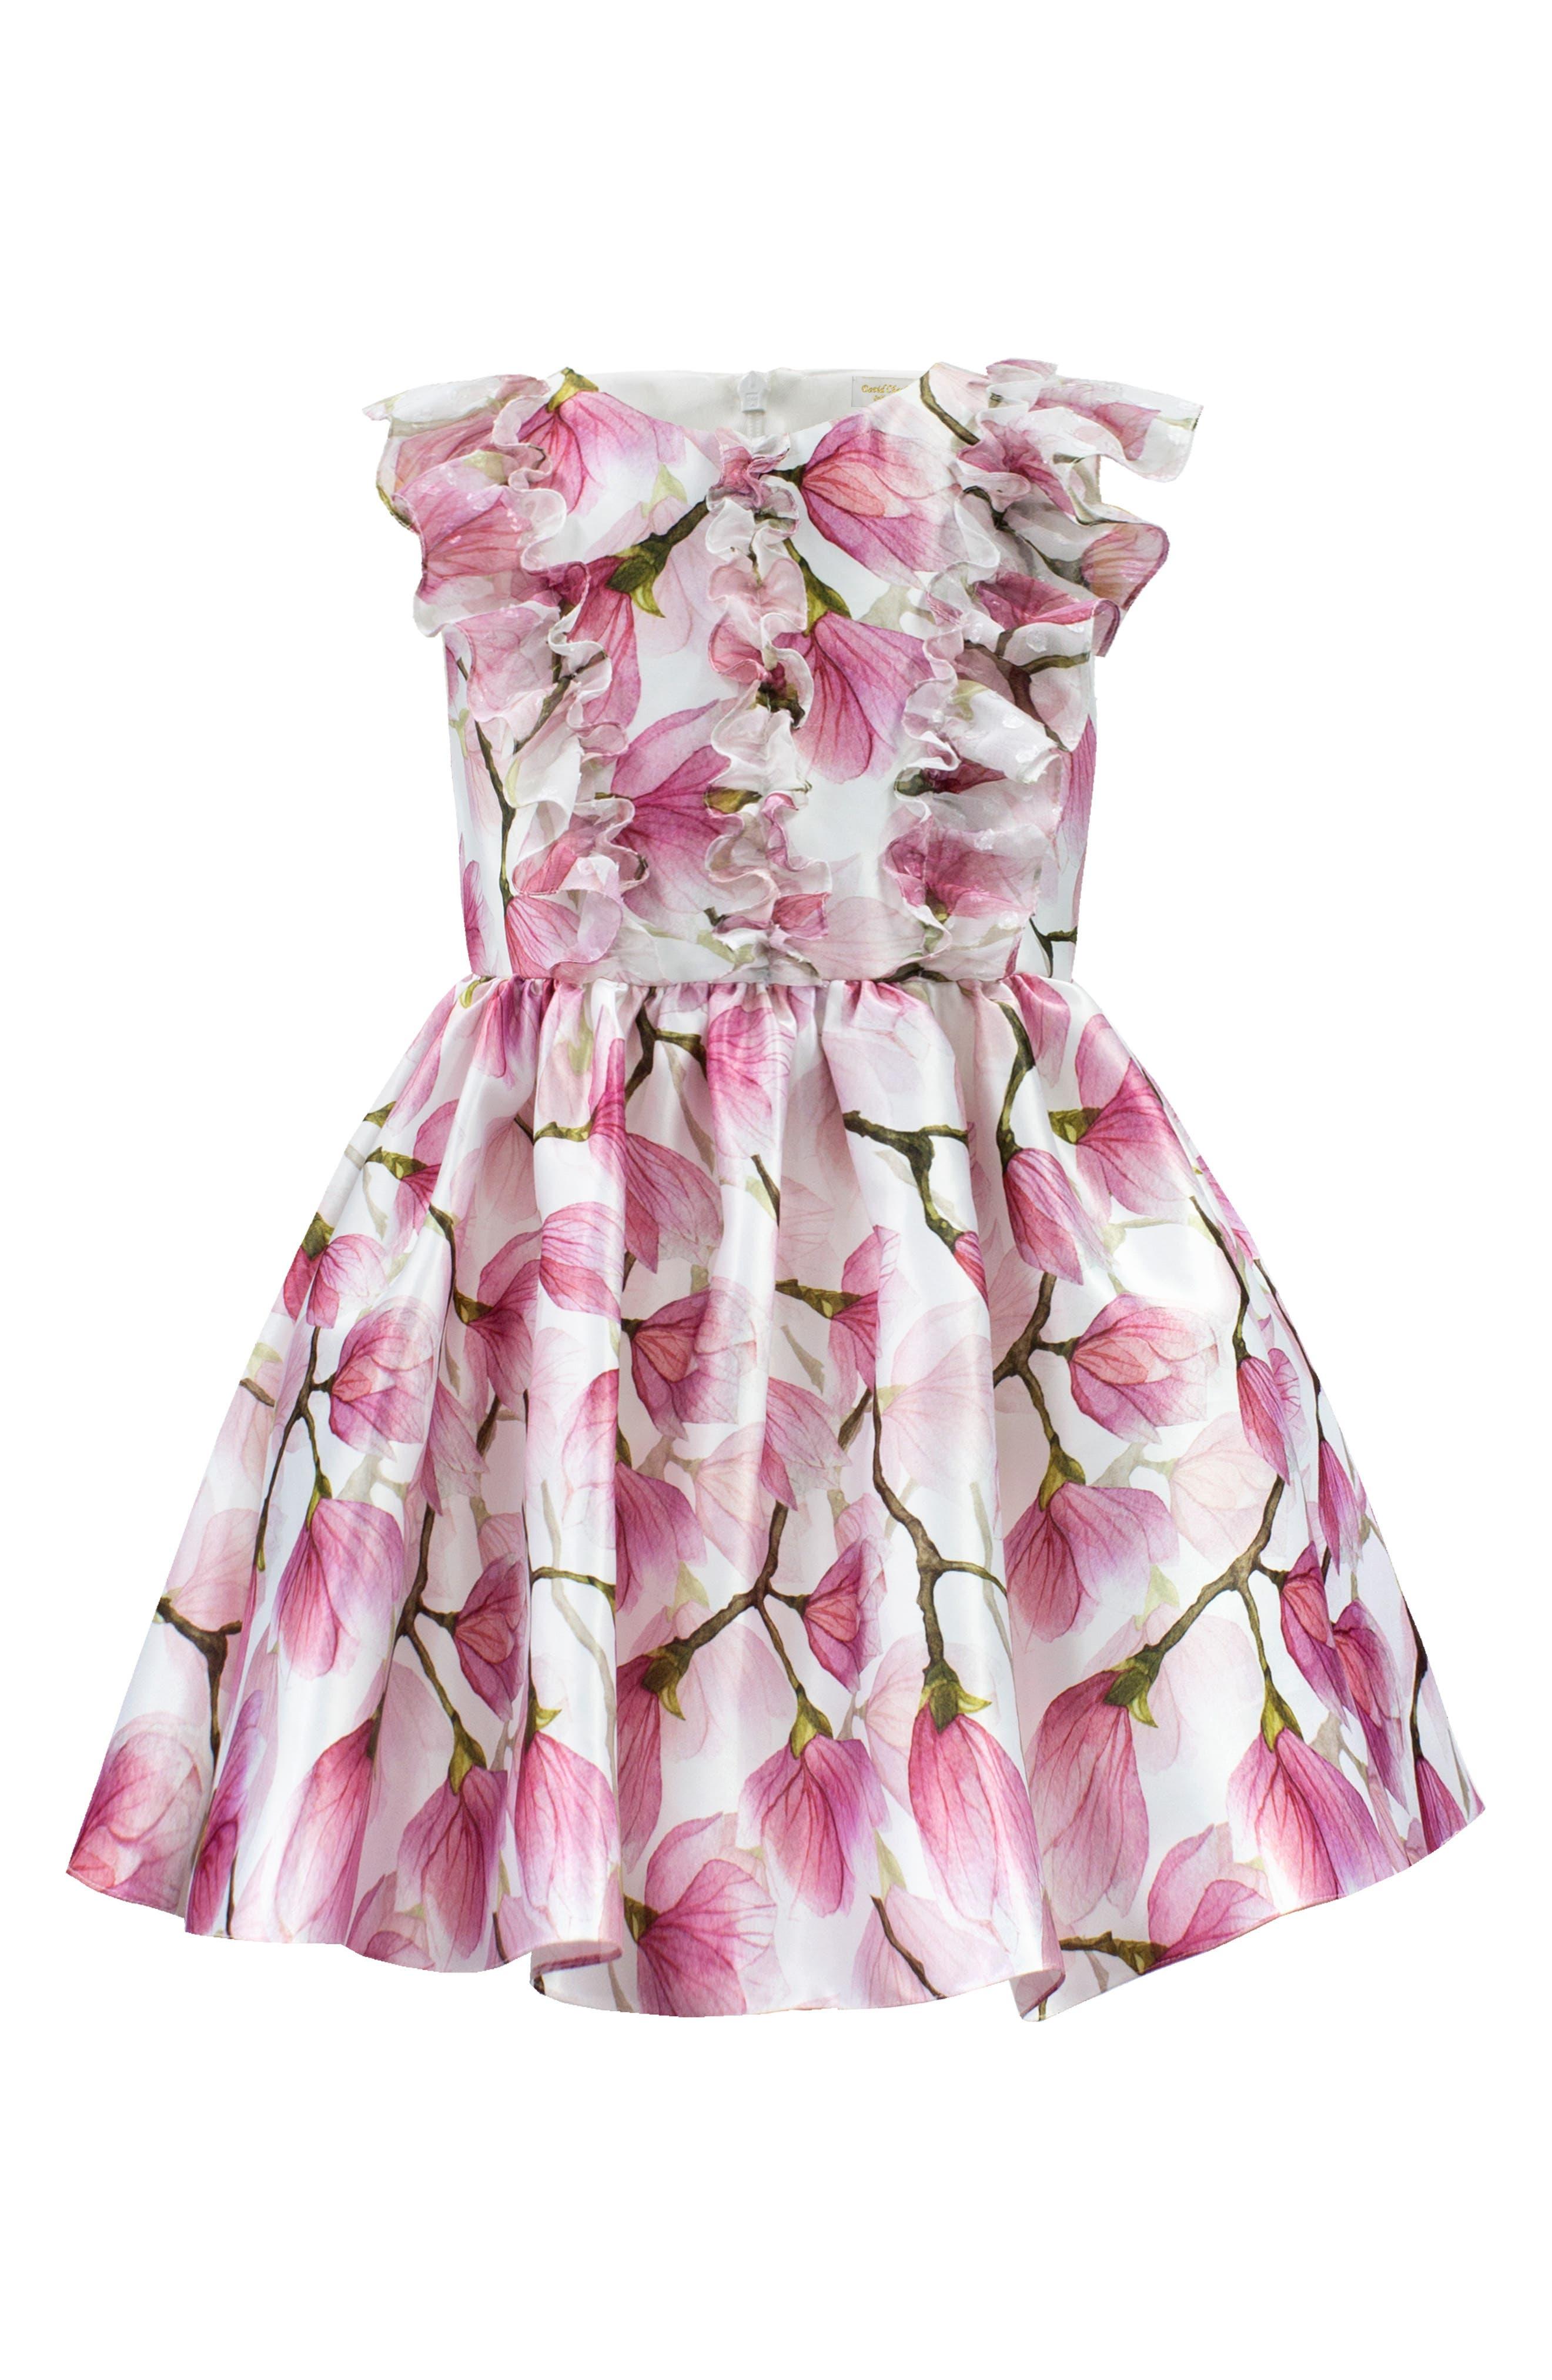 DAVID CHARLES, Floral Ruffle Party Dress, Main thumbnail 1, color, PINK